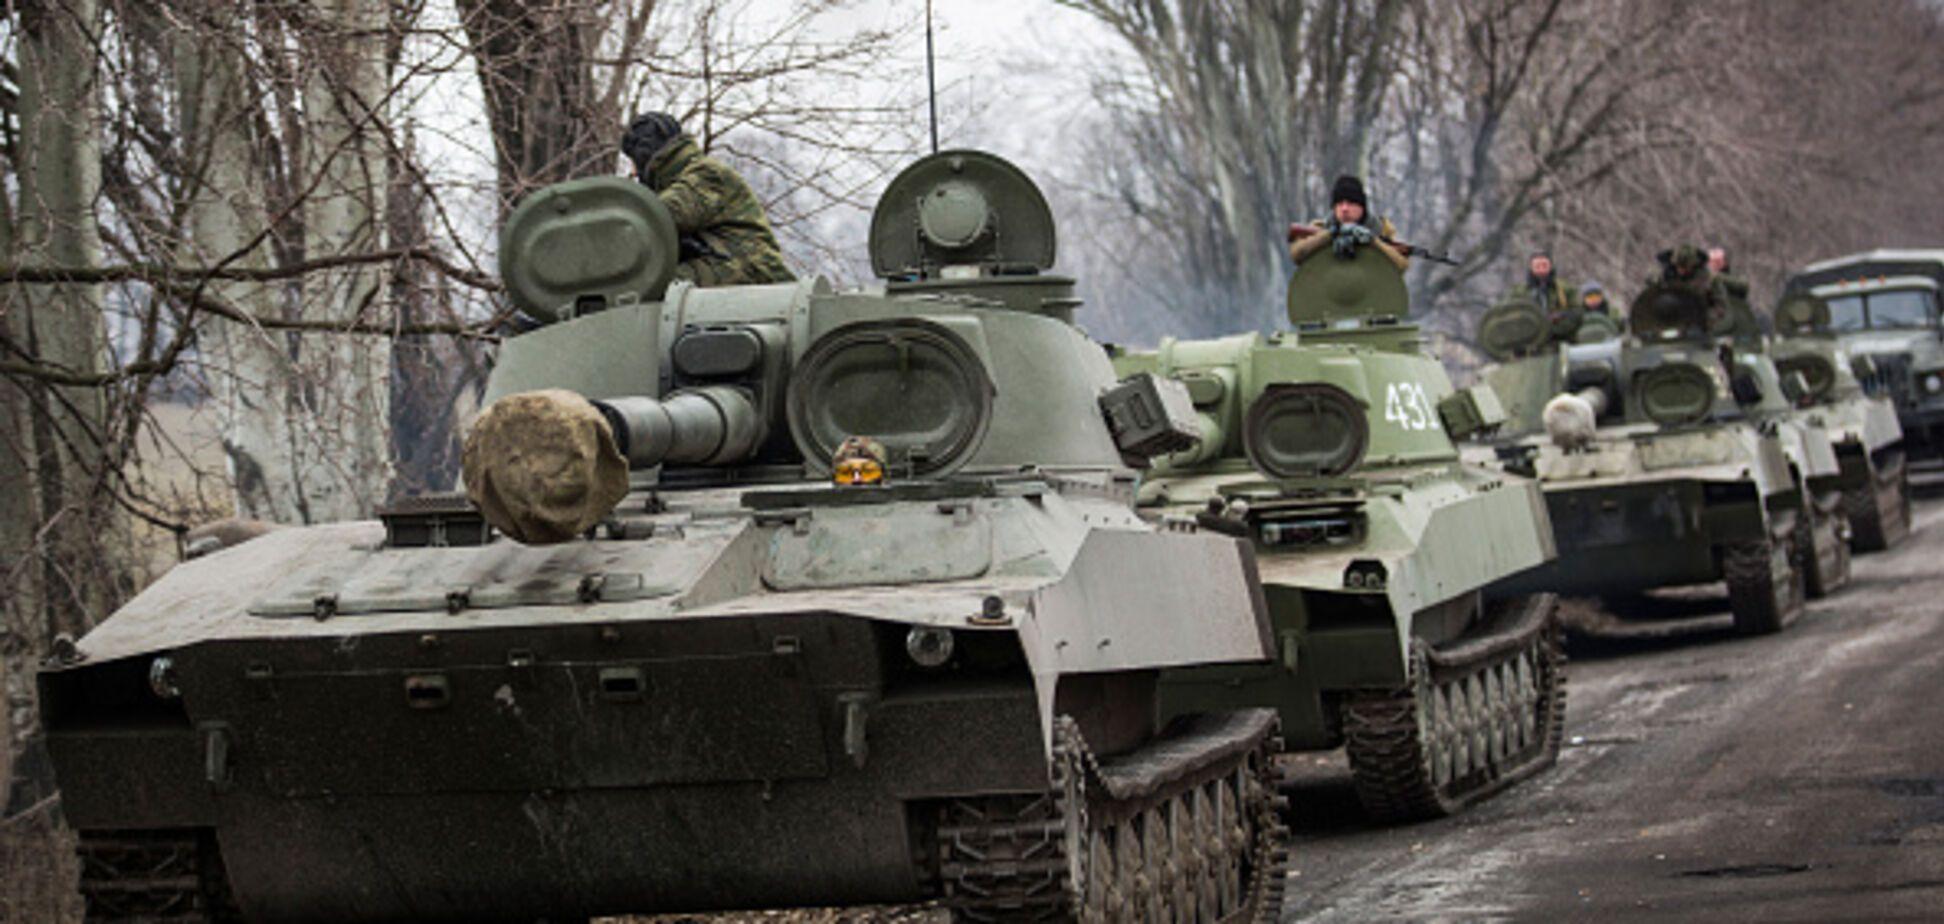 Стягивают силы: террористы готовят очередную провокацию на Донбассе